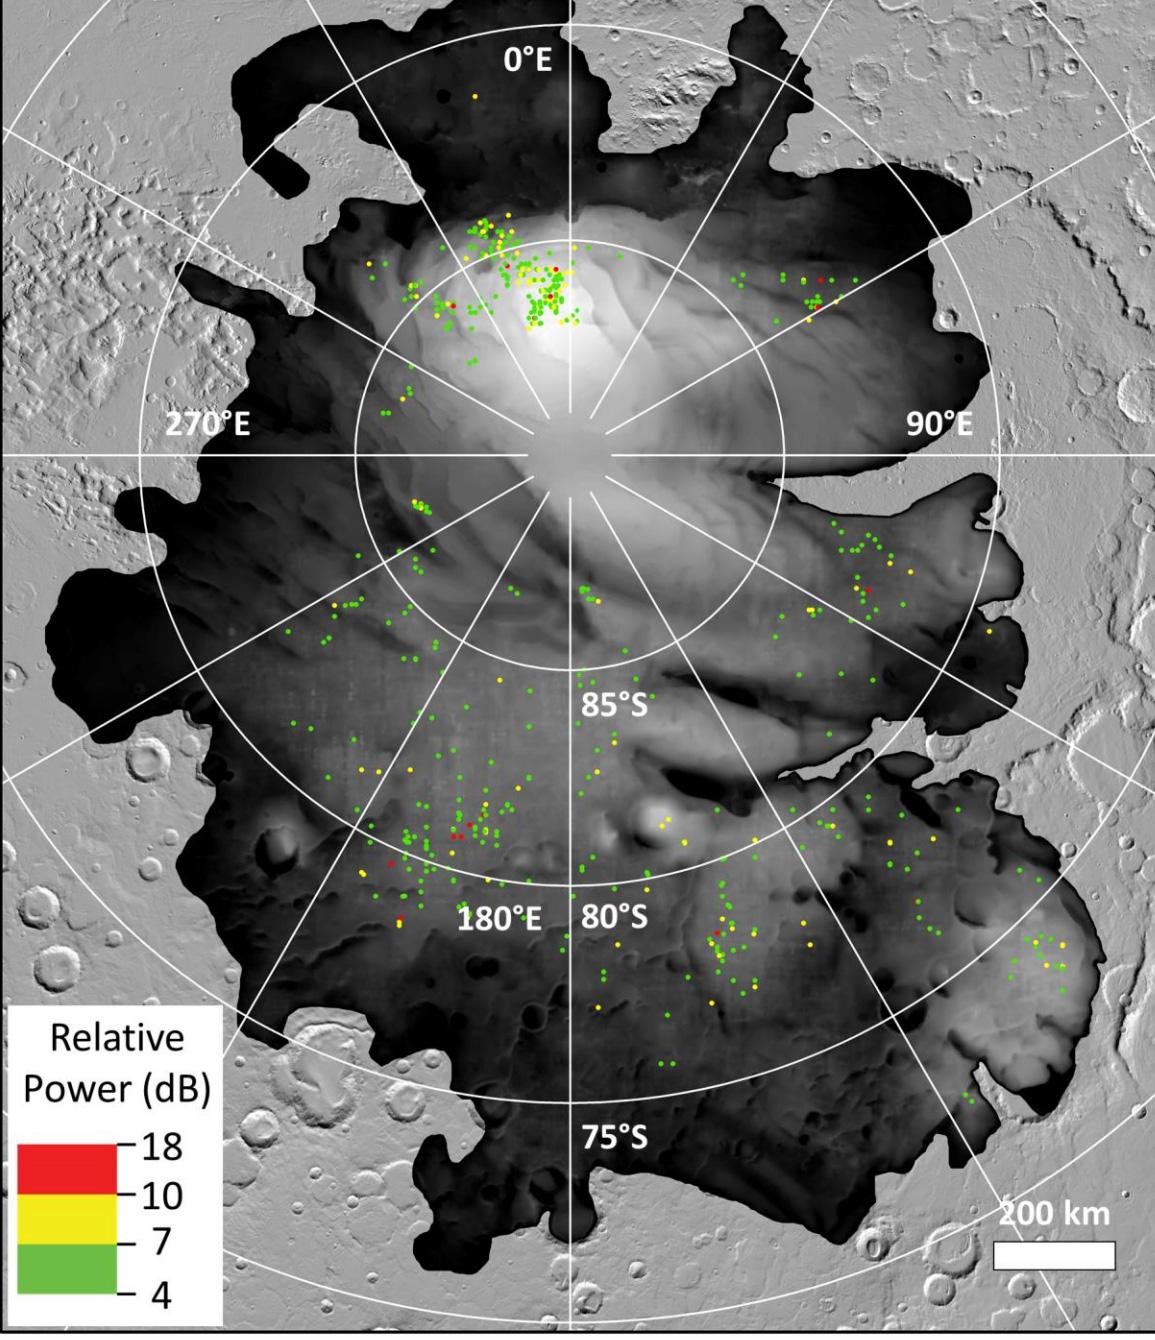 Цветные точки представляют собой места, где орбитальный аппарат Mars Express ЕКА заметил яркие радарные отражения